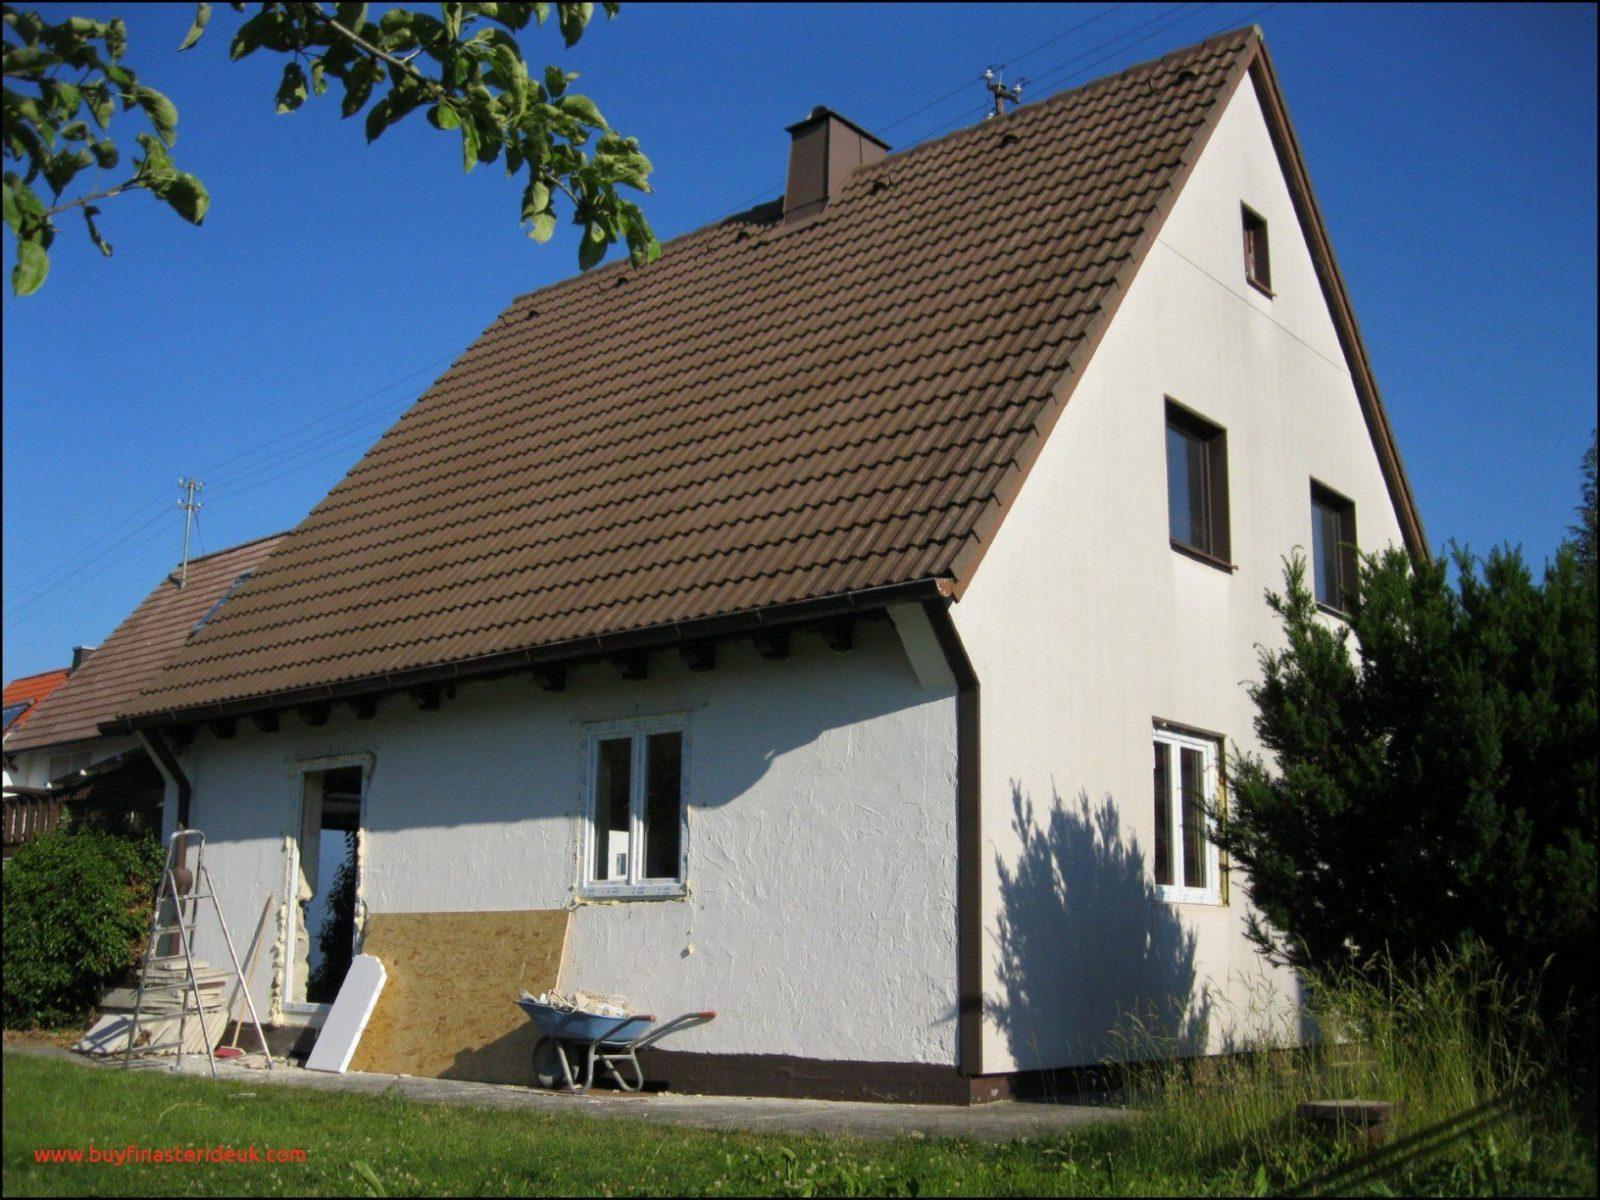 Altes Haus Sanieren Von Vorher Nachher Archive Mein Neues Haus von Altes Haus Sanieren Vorher Nachher Photo